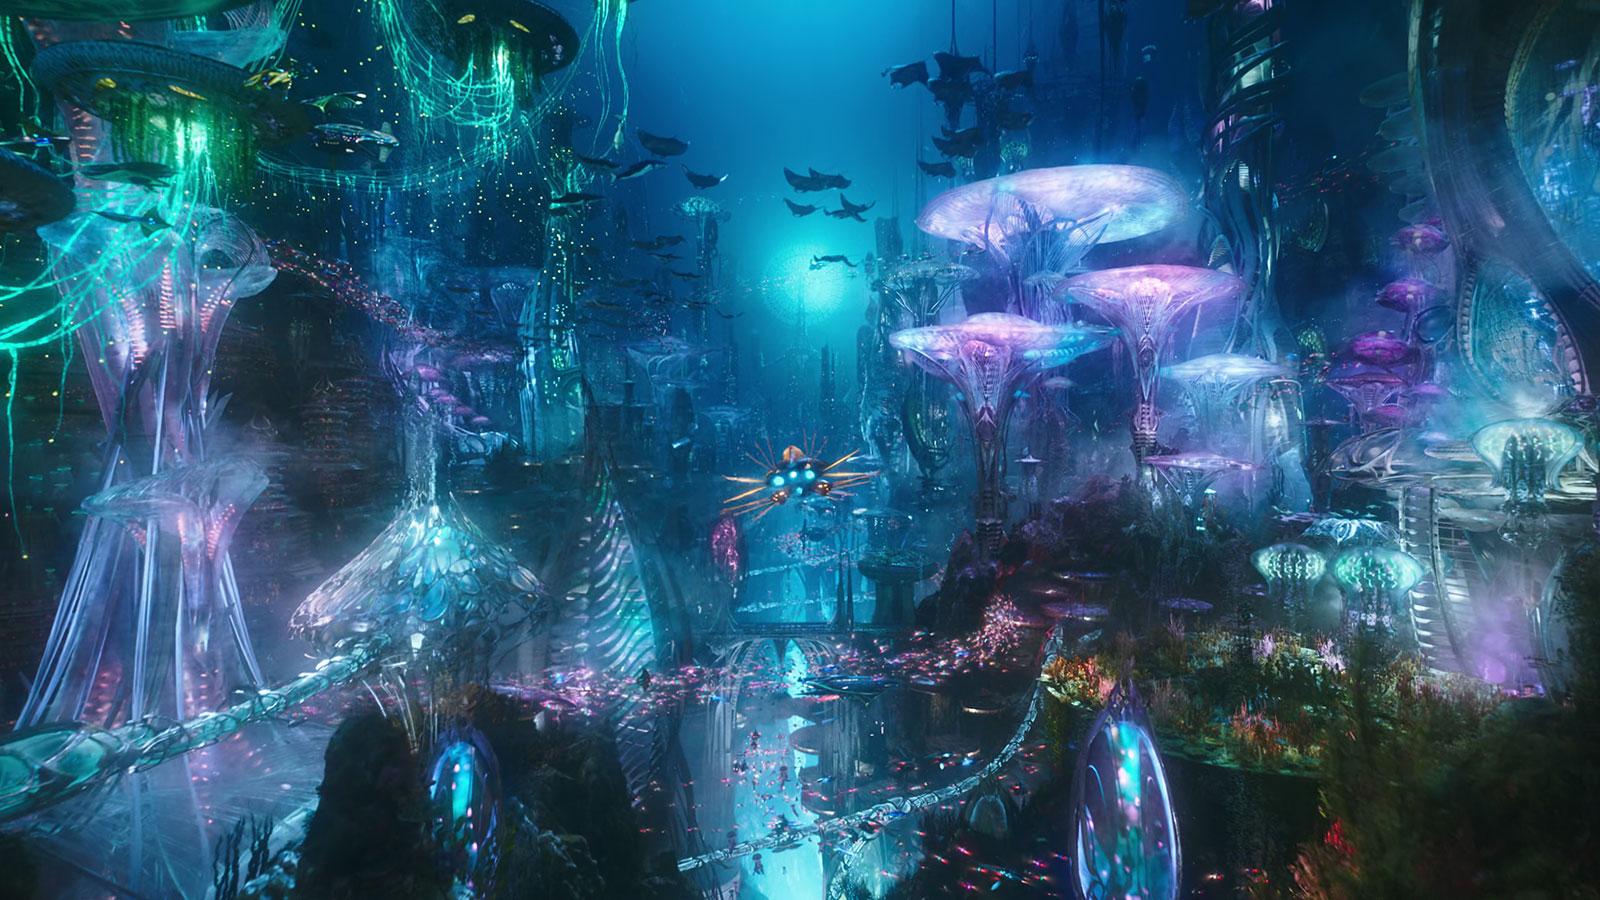 Fotograma de la película pirateada de Aquaman